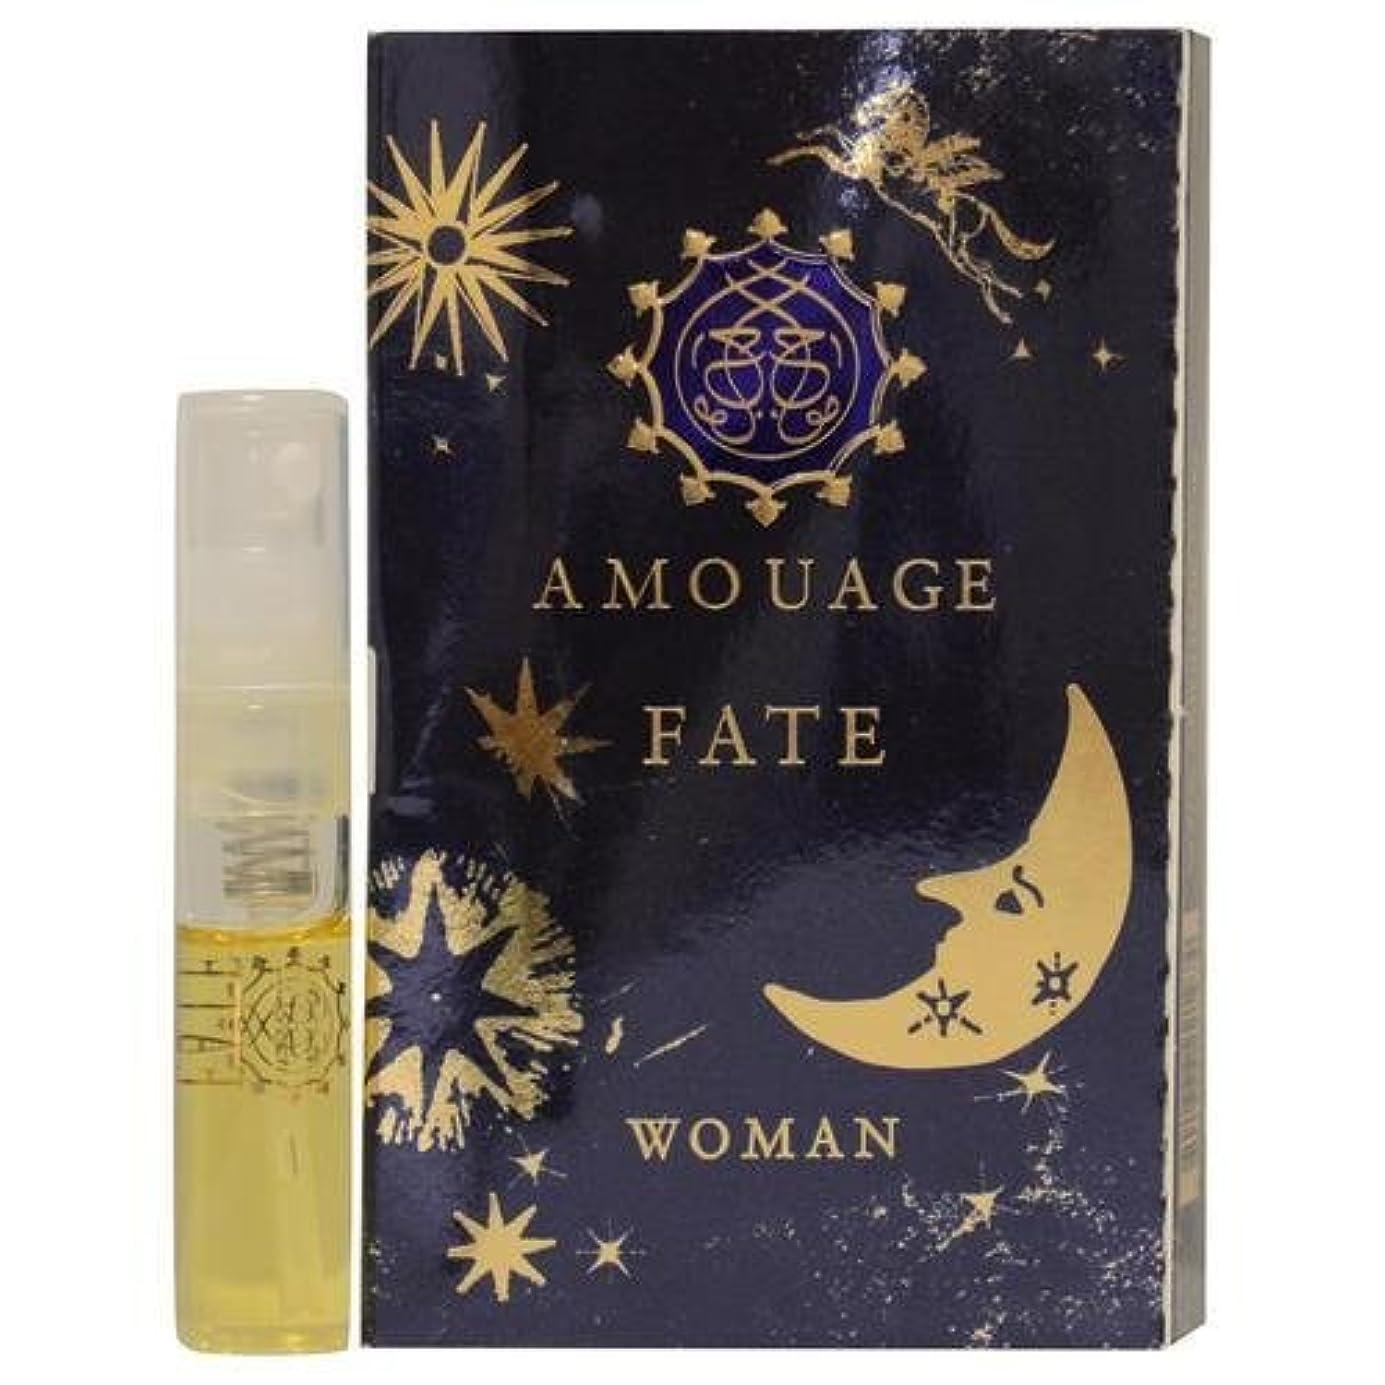 退院知的既にAmouage Fate Woman EDP Vial Sample(アムアージュ フェイト ウーマン オードパルファン)2ml サンプル